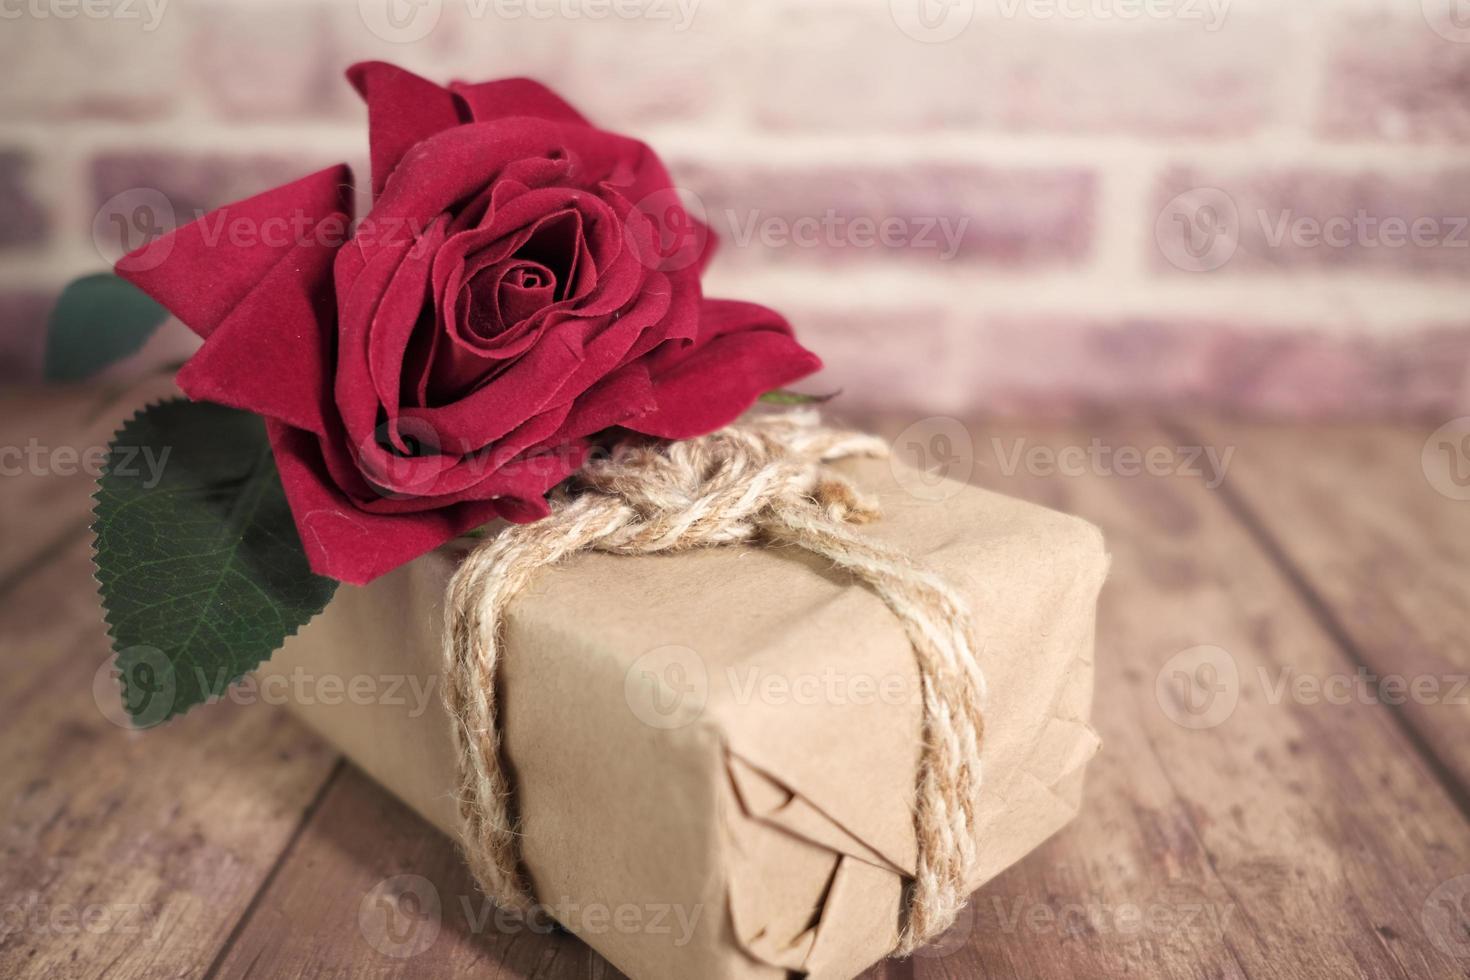 roze bloem op een bruine papieren geschenkdoos foto